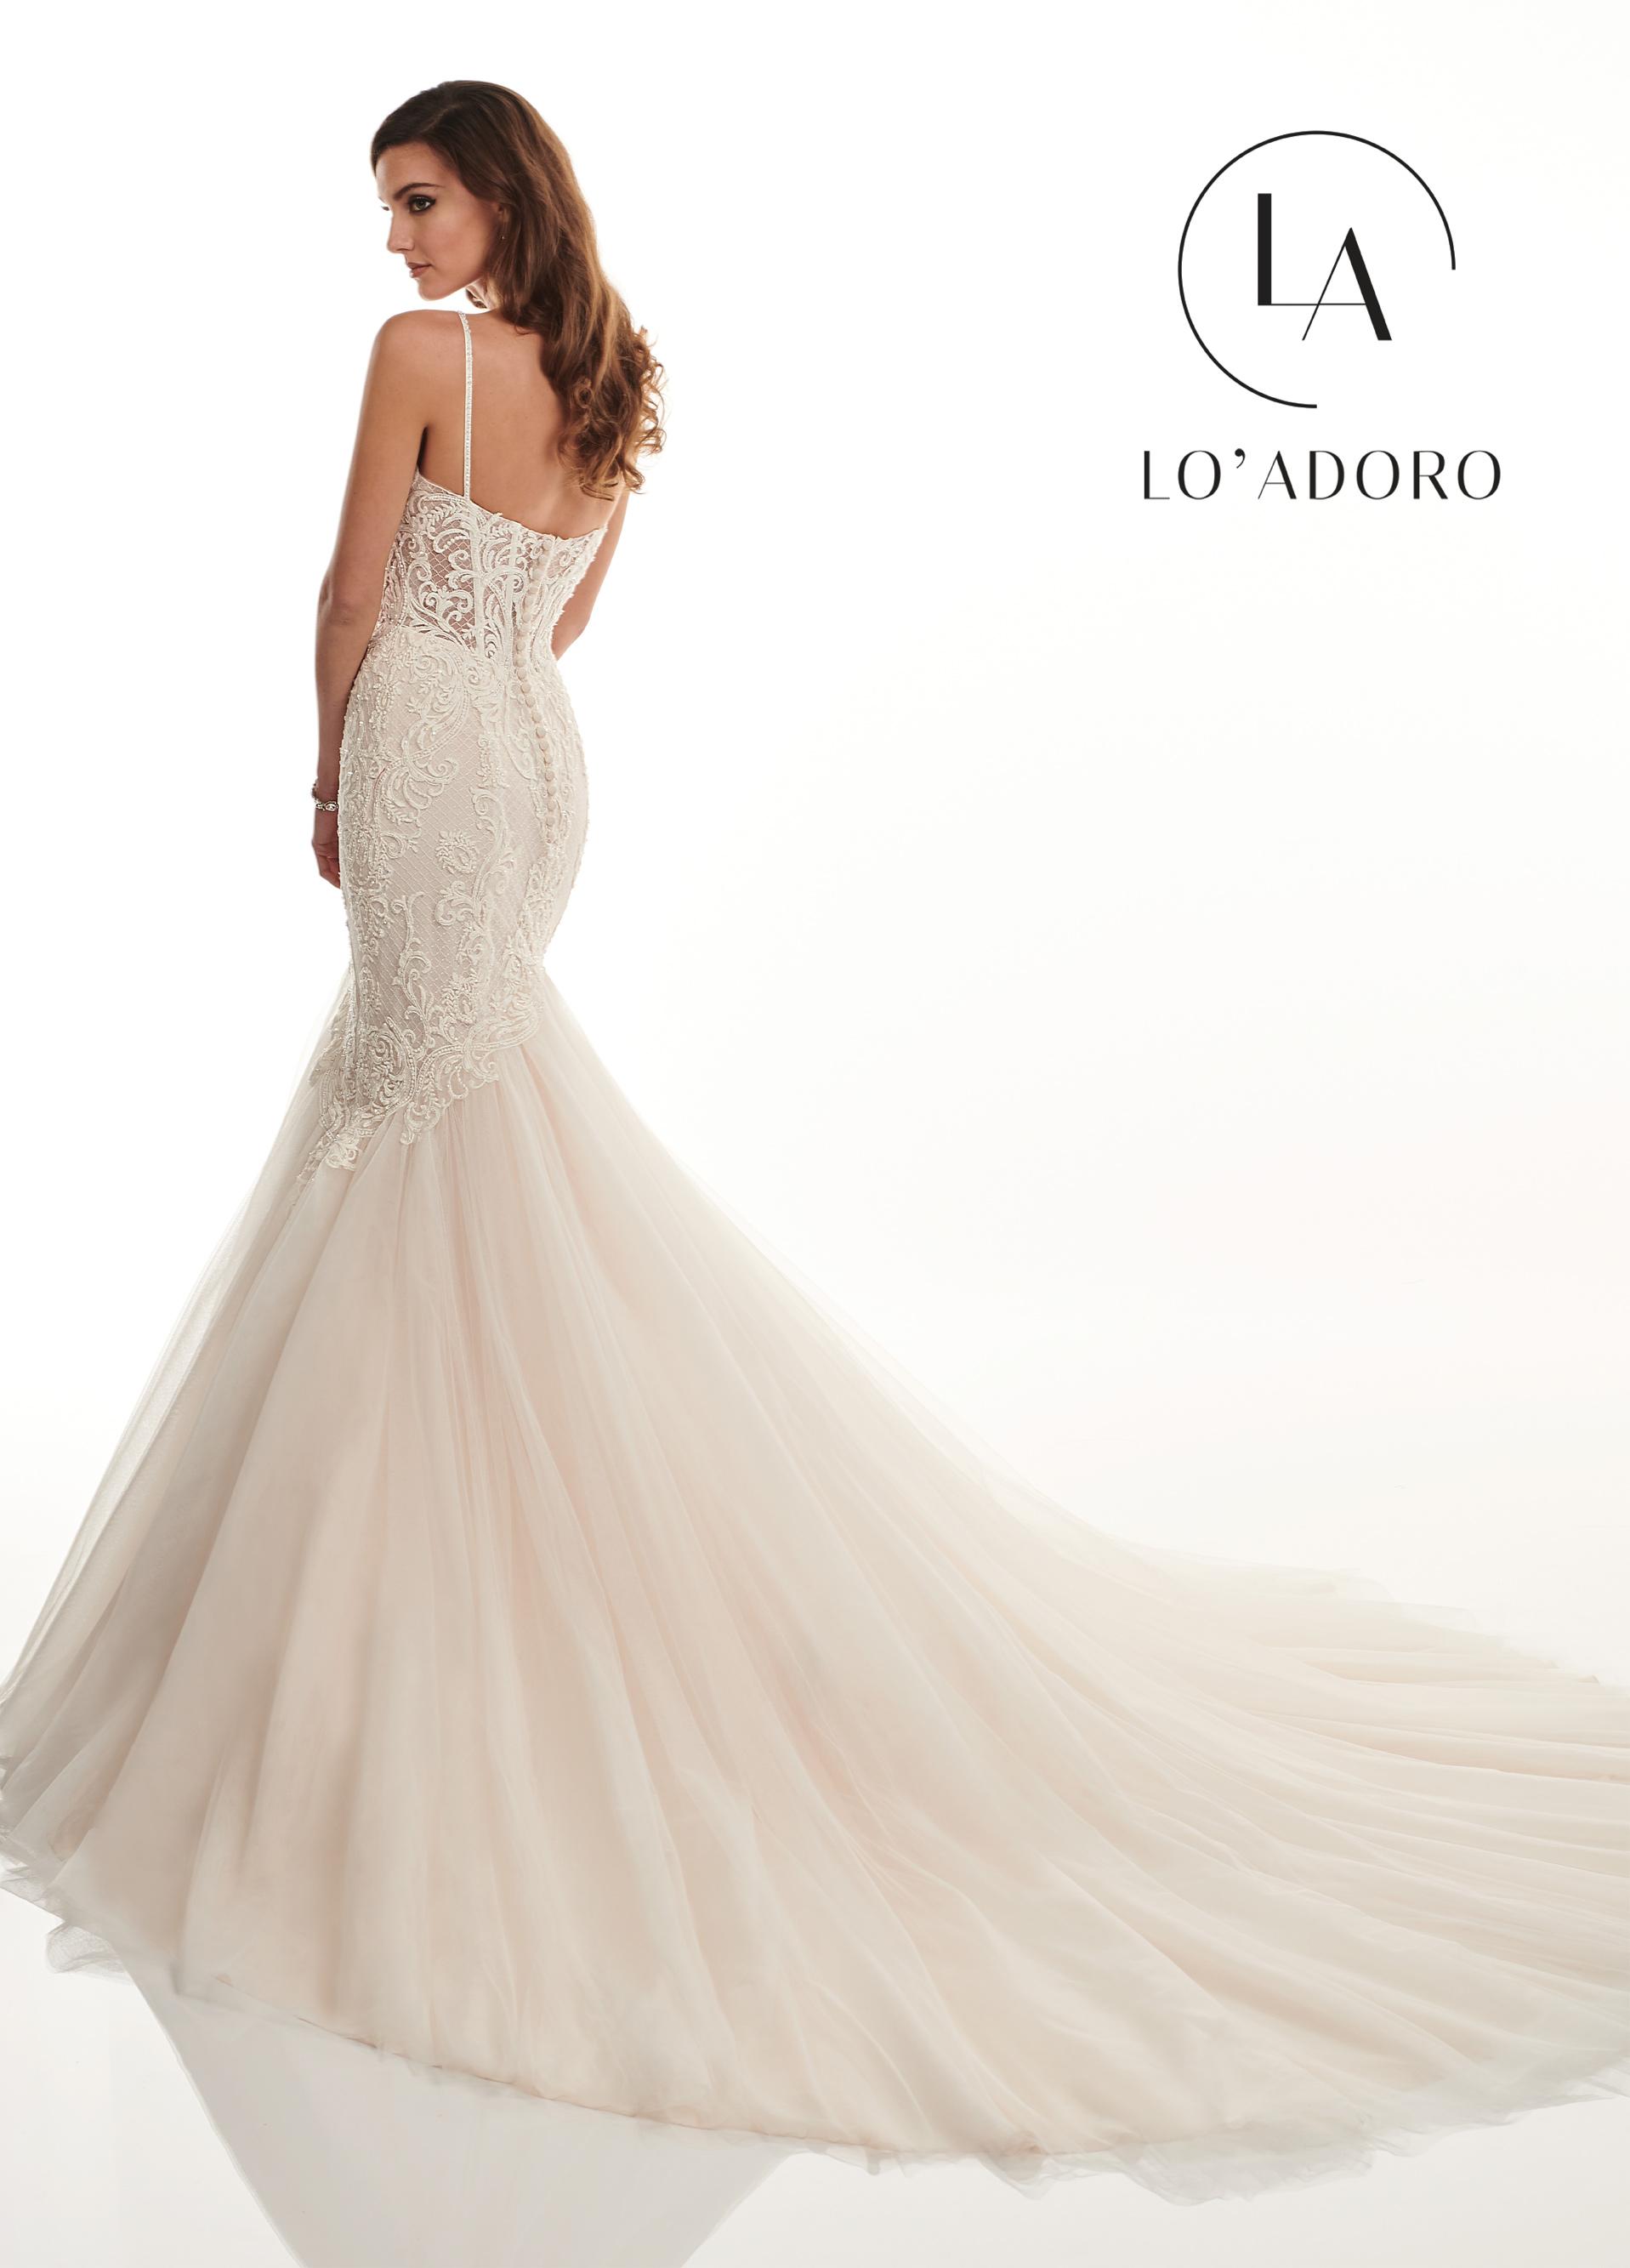 Lo Adoro Bridal Dresses | Lo' Adoro | Style - M730